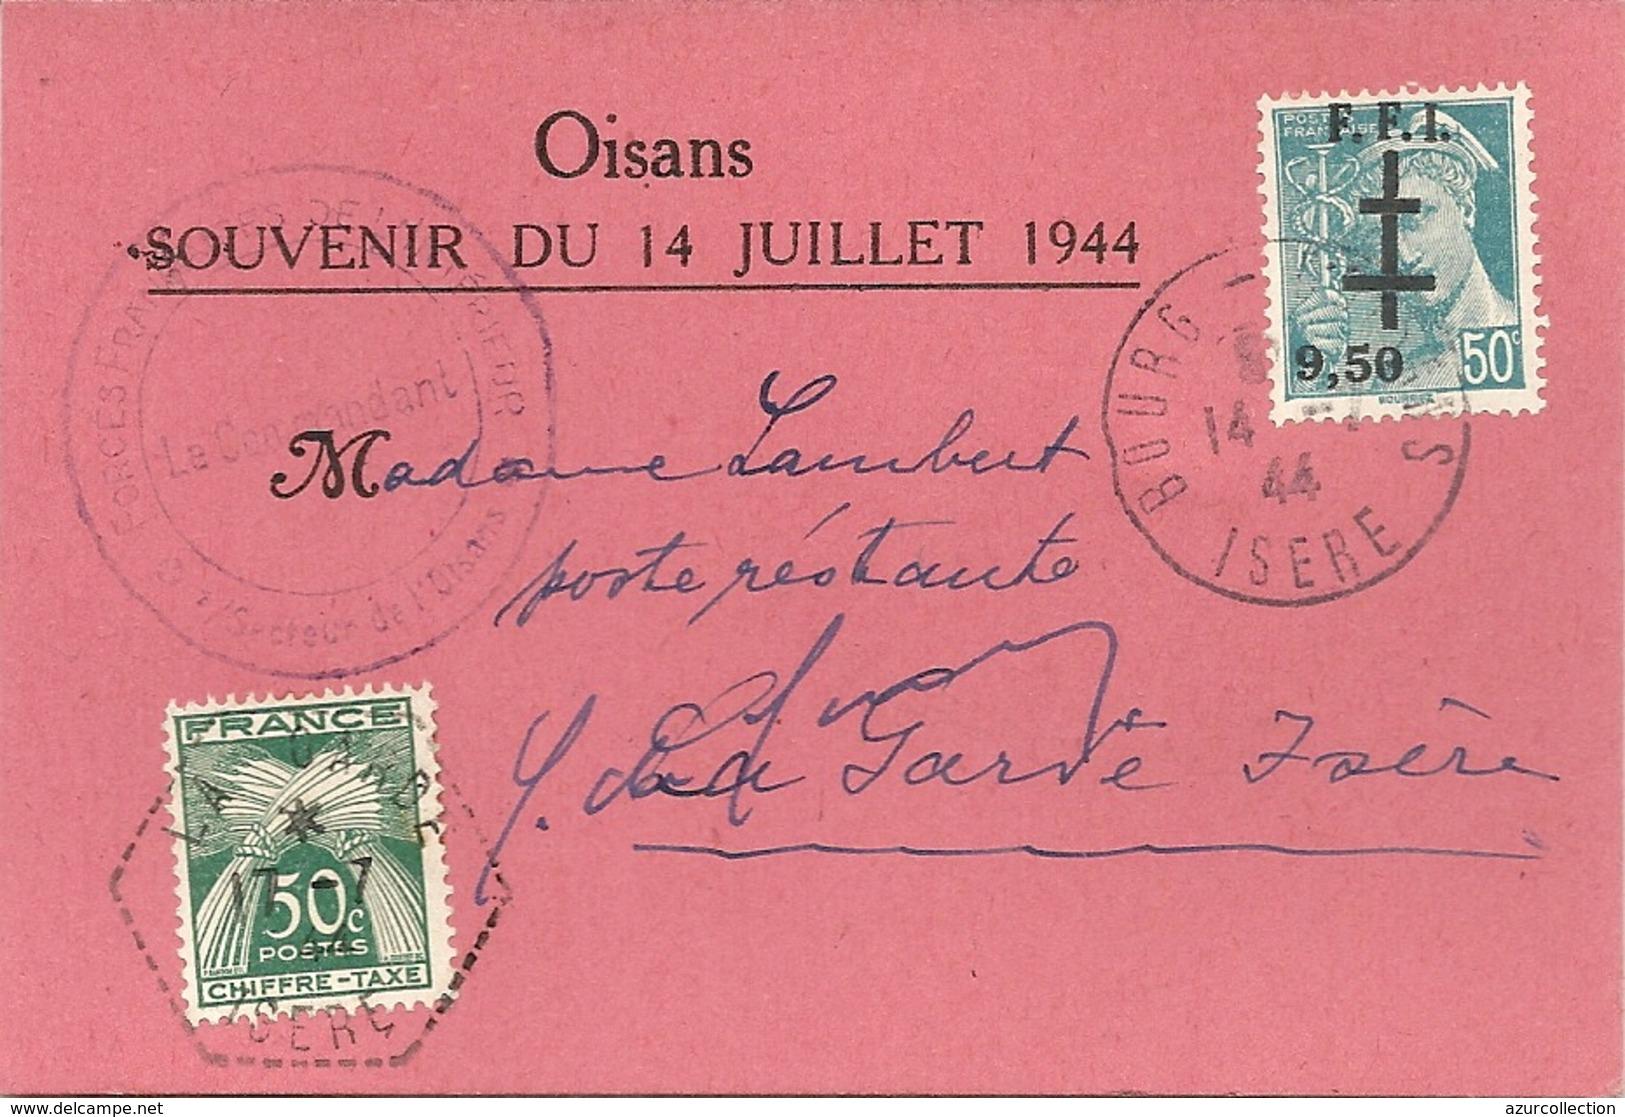 SOUVENIR LIBERATION OISANS .TIMBRE SURCHARGE FFI + TAXE 50 CTS . DEDICACE PAR GAL DE GAULLE - Marcophilie (Lettres)